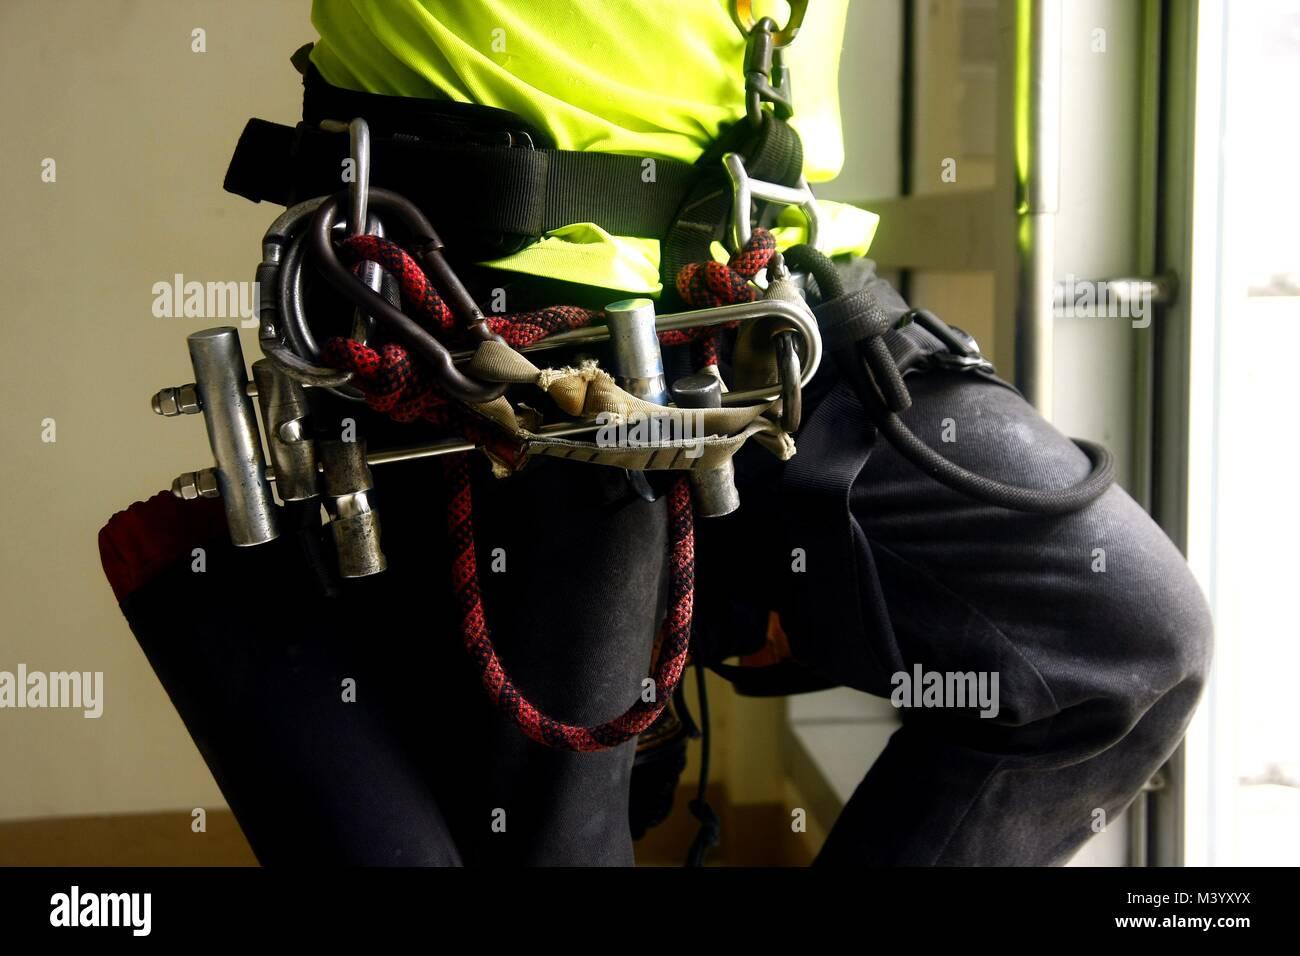 Foto einer Kletterausrüstung um die Taille des Mannes Stockbild